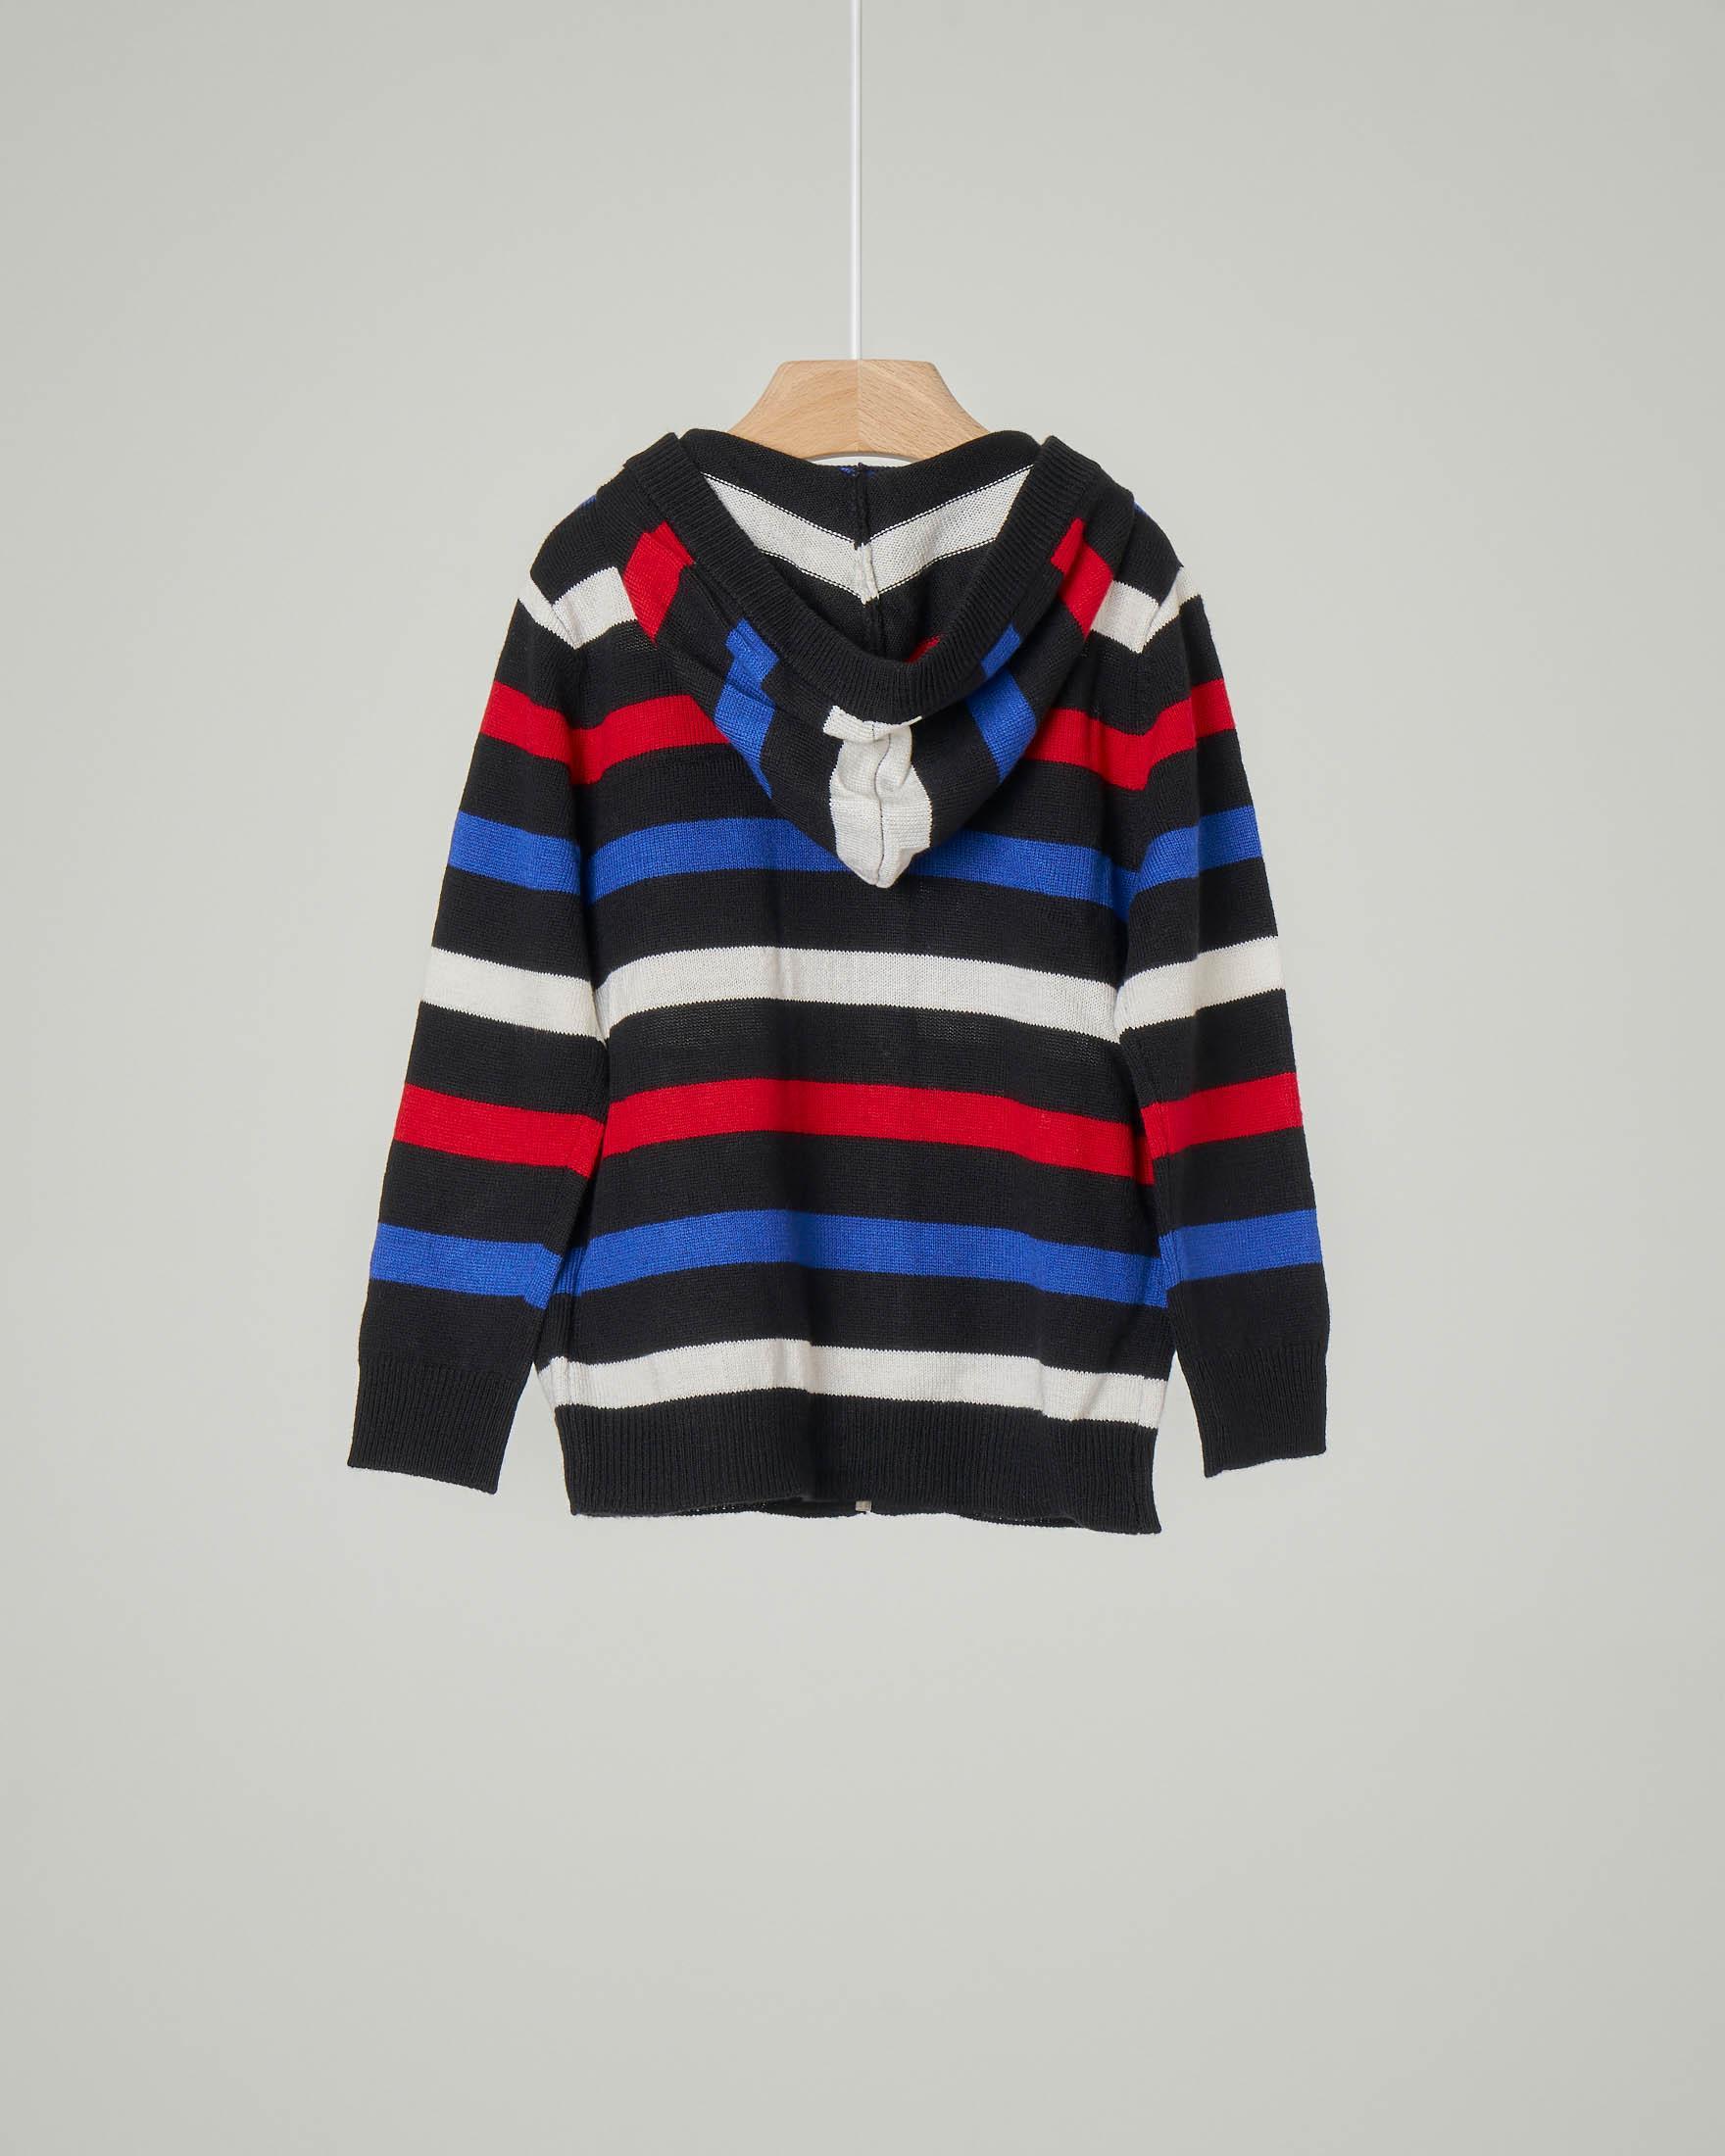 Maglia con cappuccio e chiusura a zip a righe multicolor in viscosa misto lana 9-18 mesi